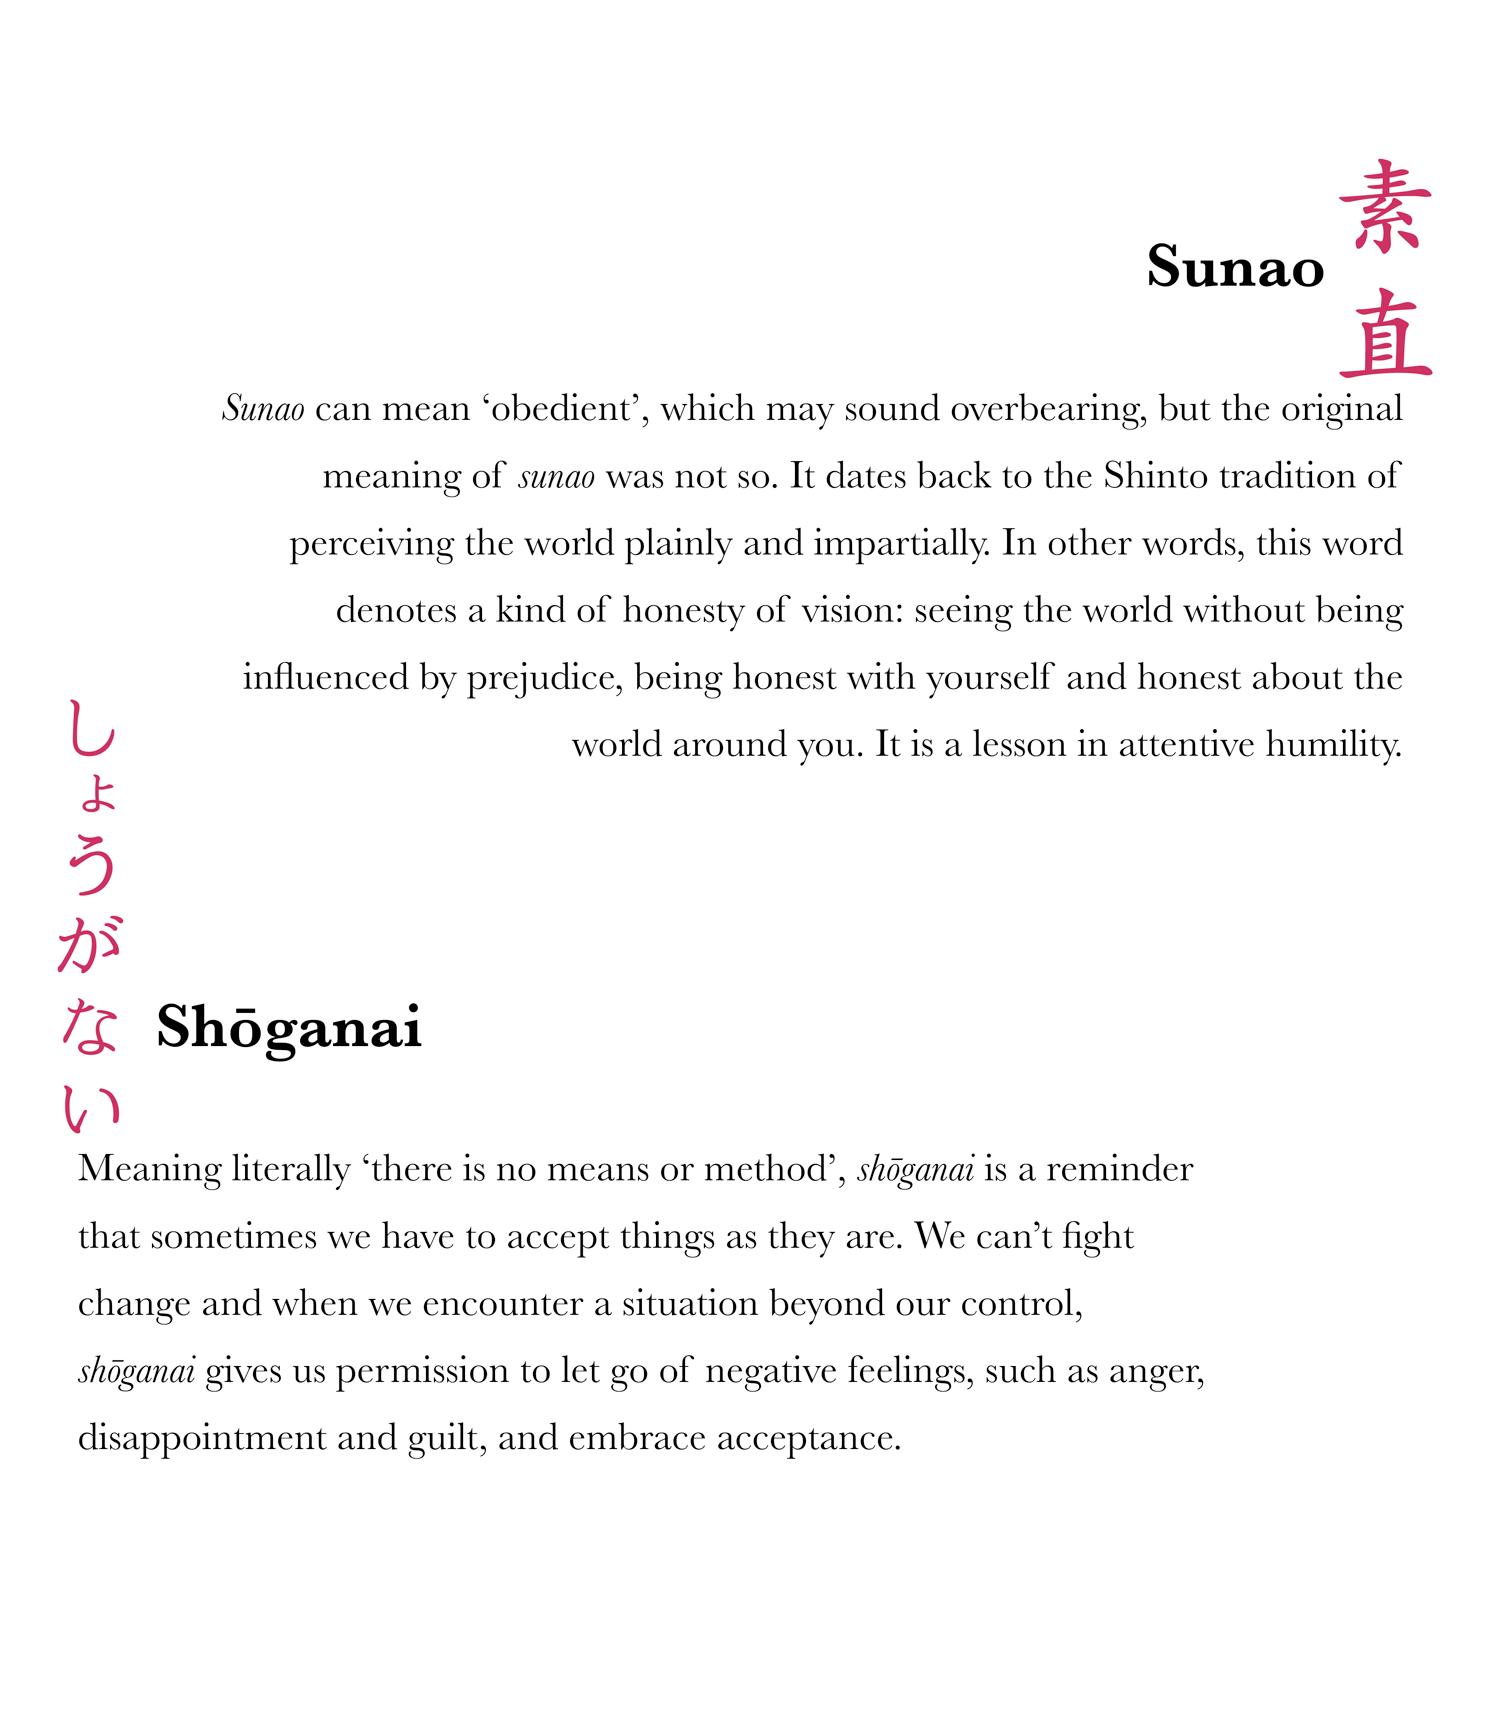 Ikigai-sunao-shoganai-74.png